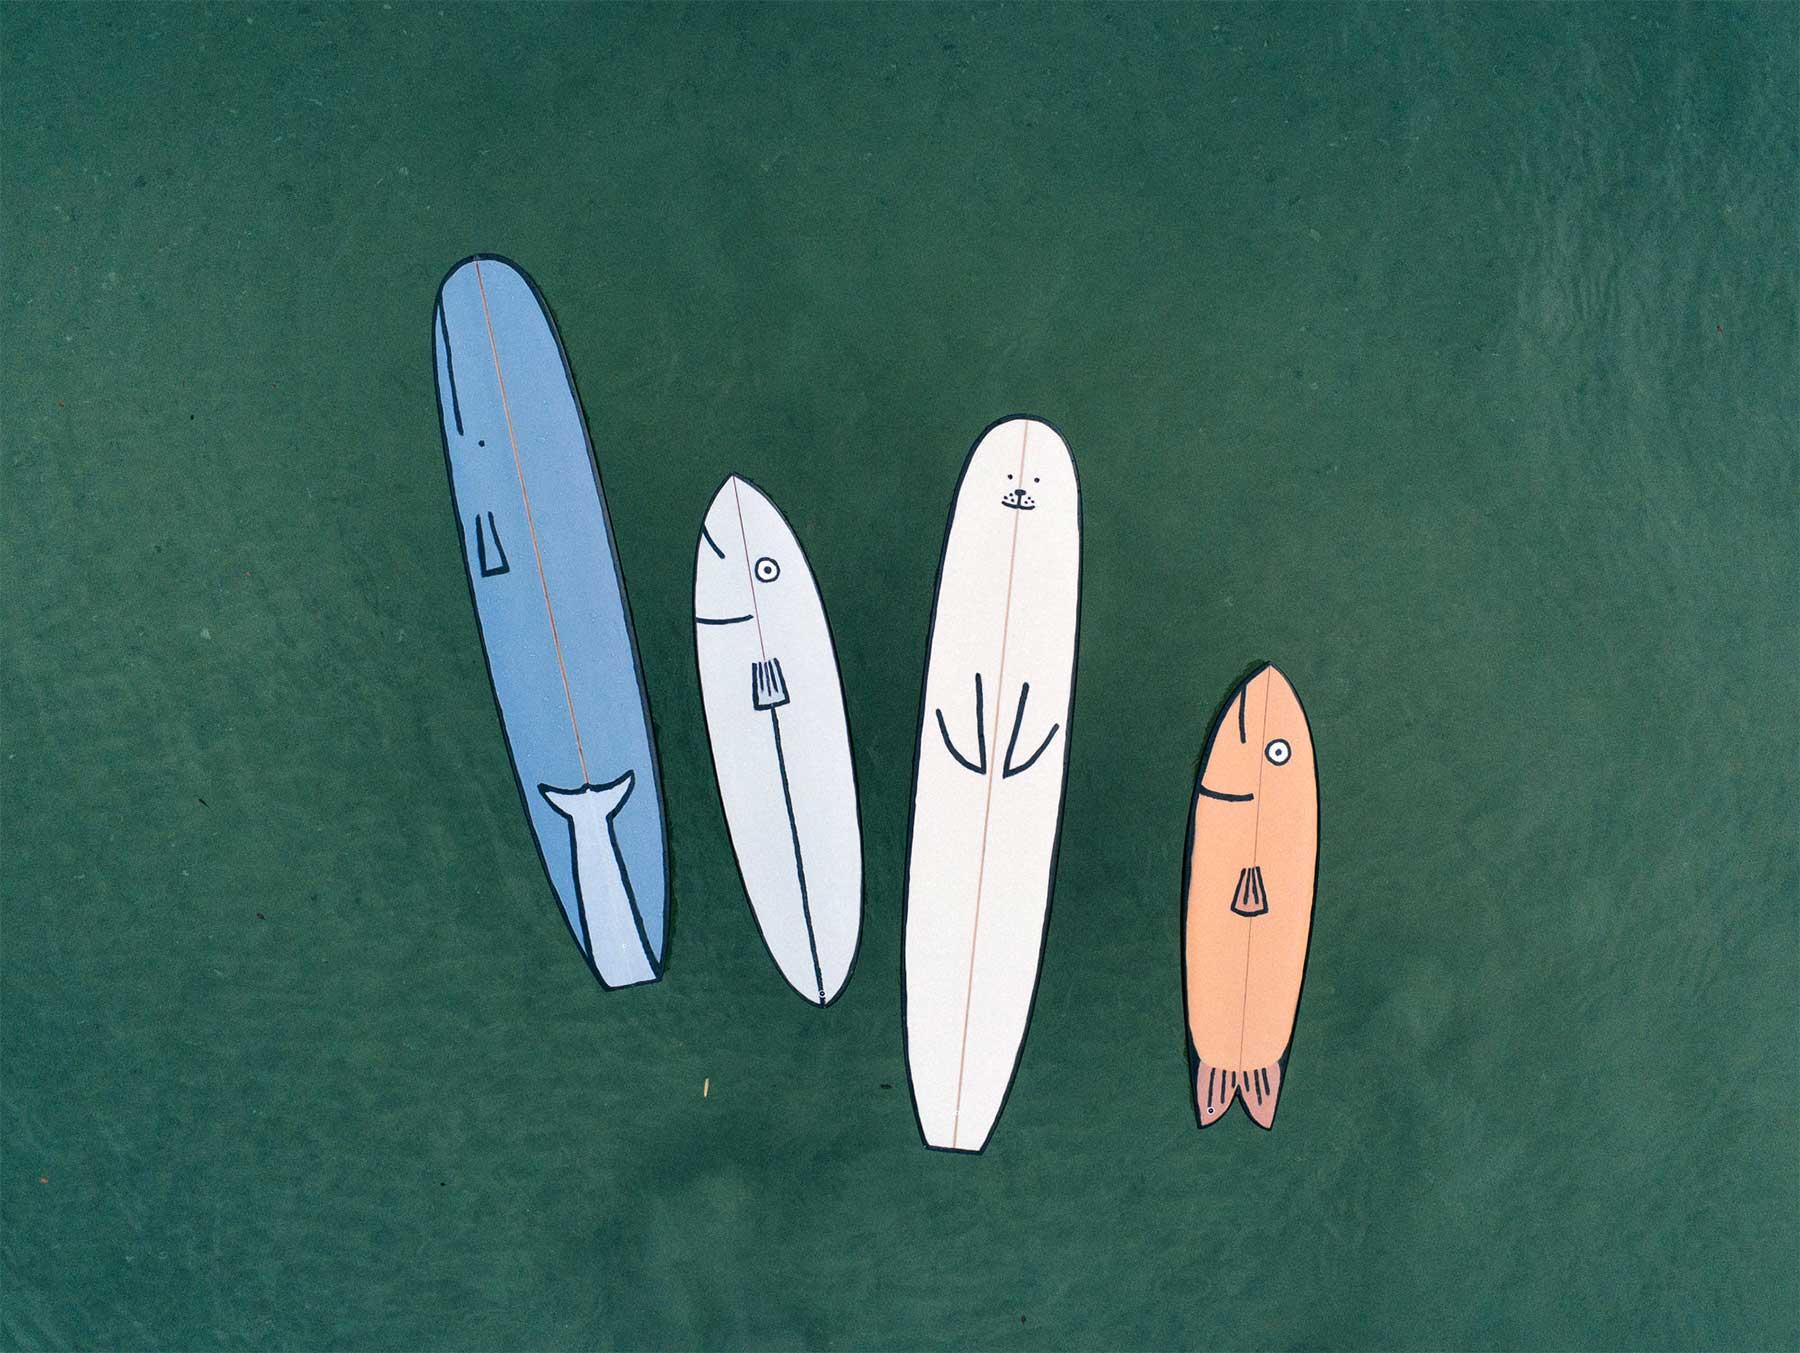 Tier-Surfbrett-Designs von Jean Jullien Jean-Jullien-surfbretter_04